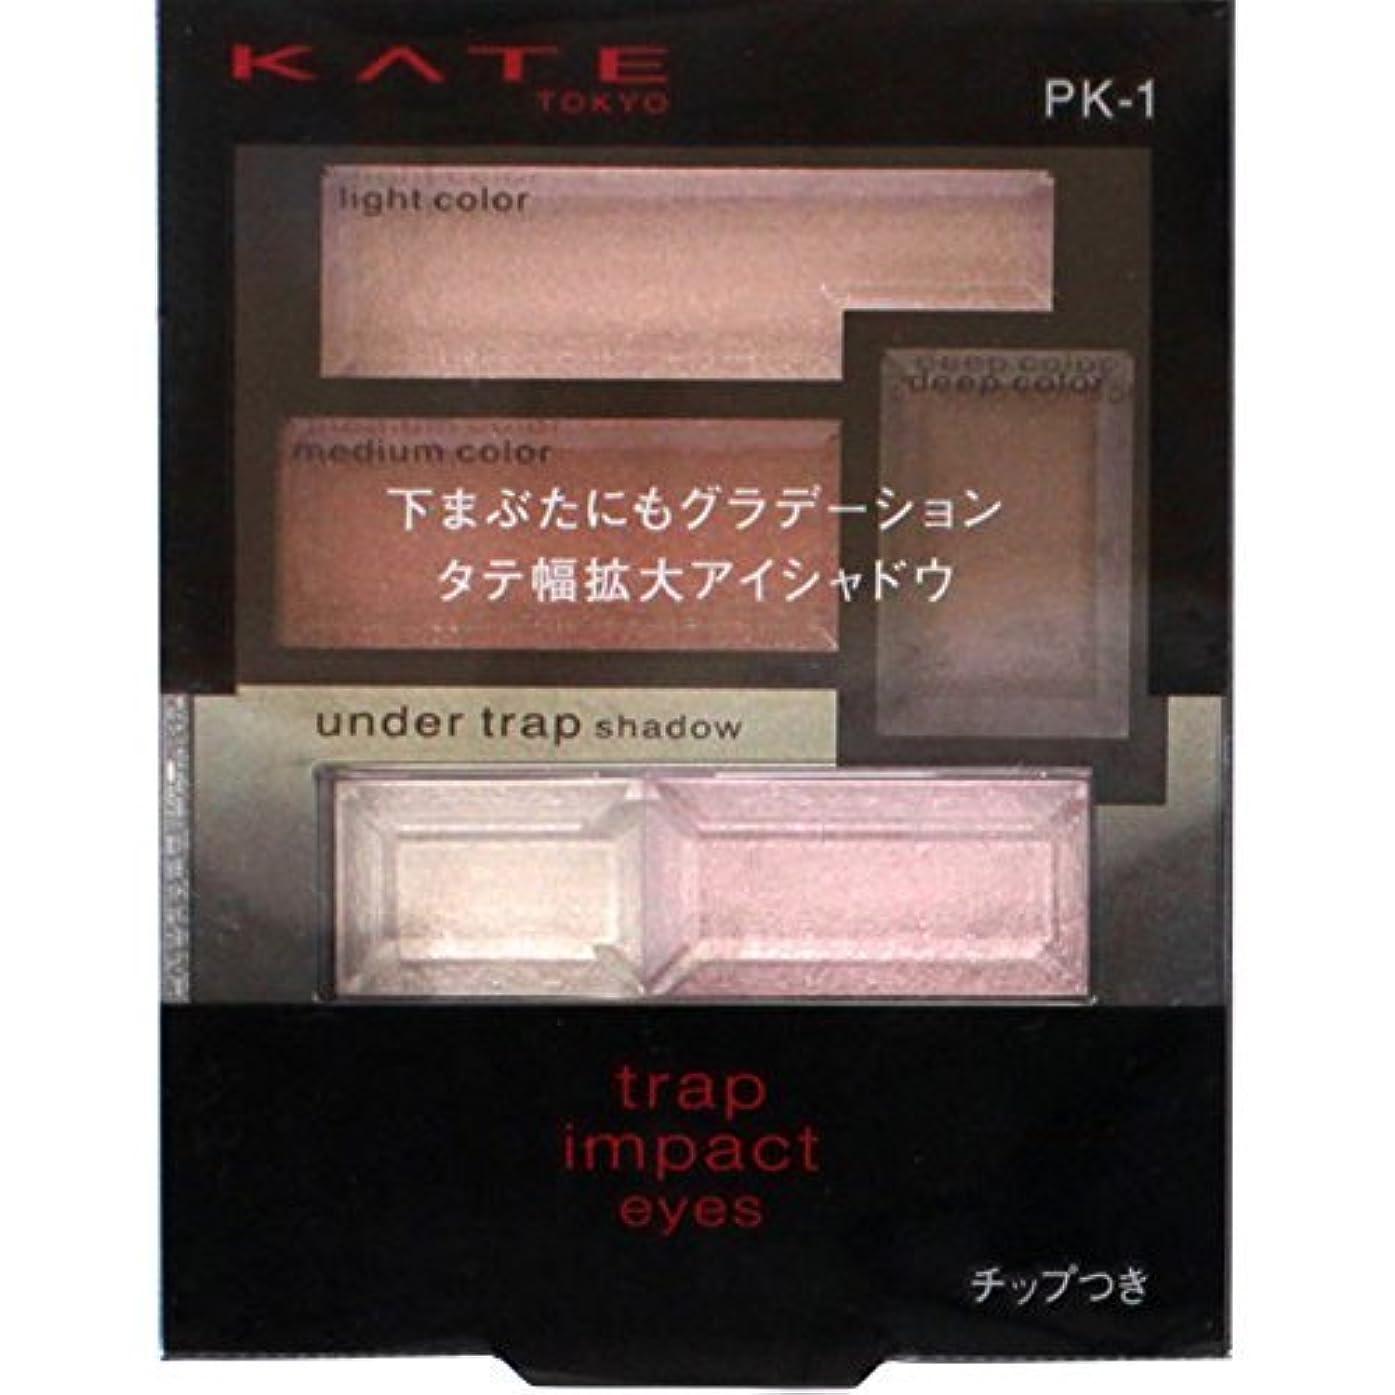 放送レザーレイカネボウ ケイト トラップインパクトアイズ PK-1